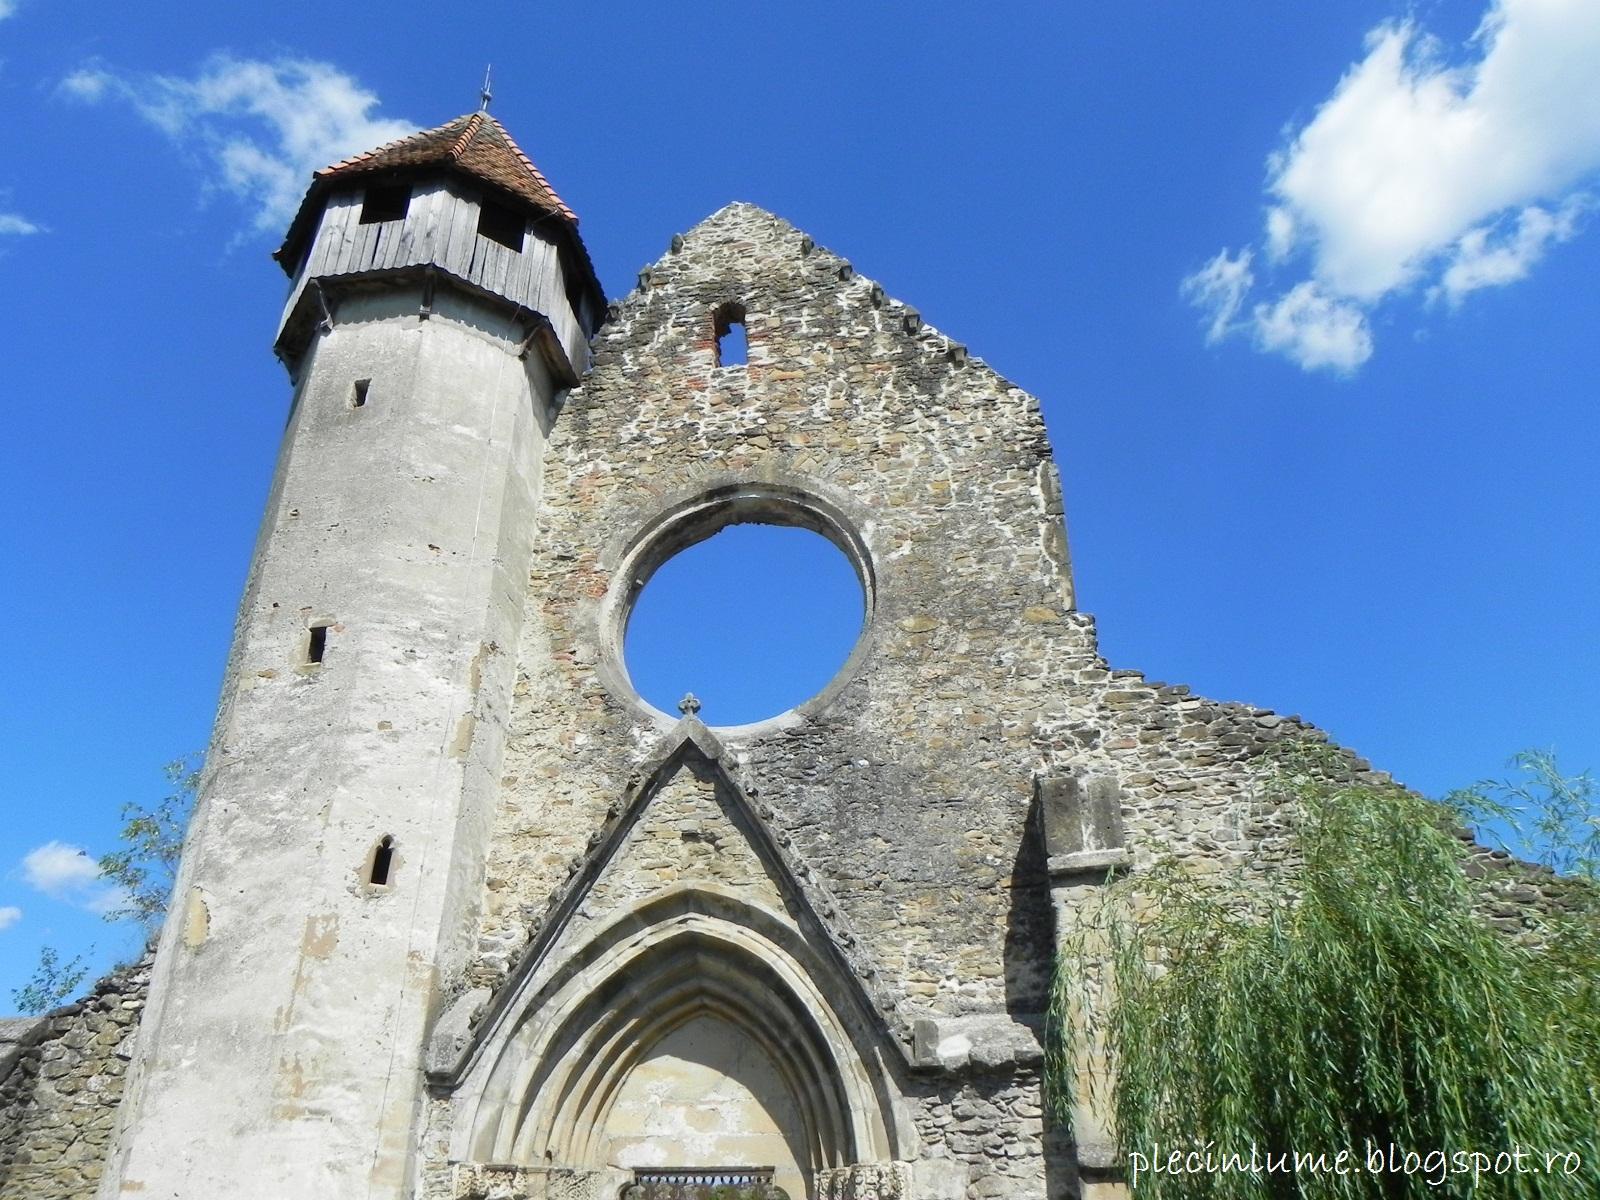 Abatia cisterciana de la Carta